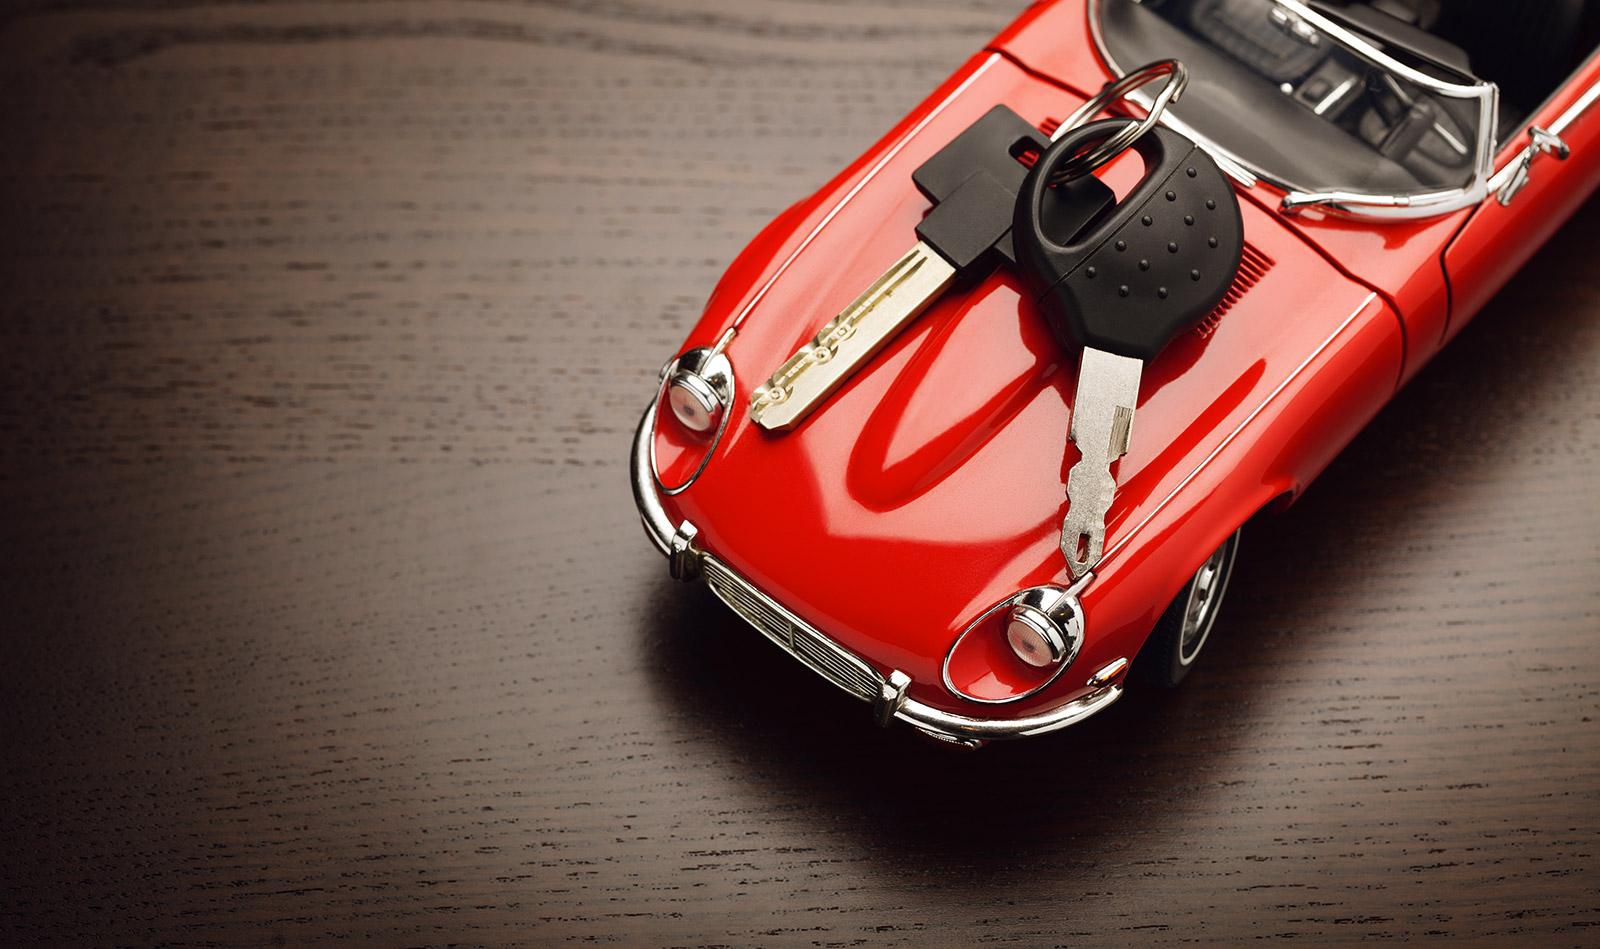 Une voiture rouge à assurer